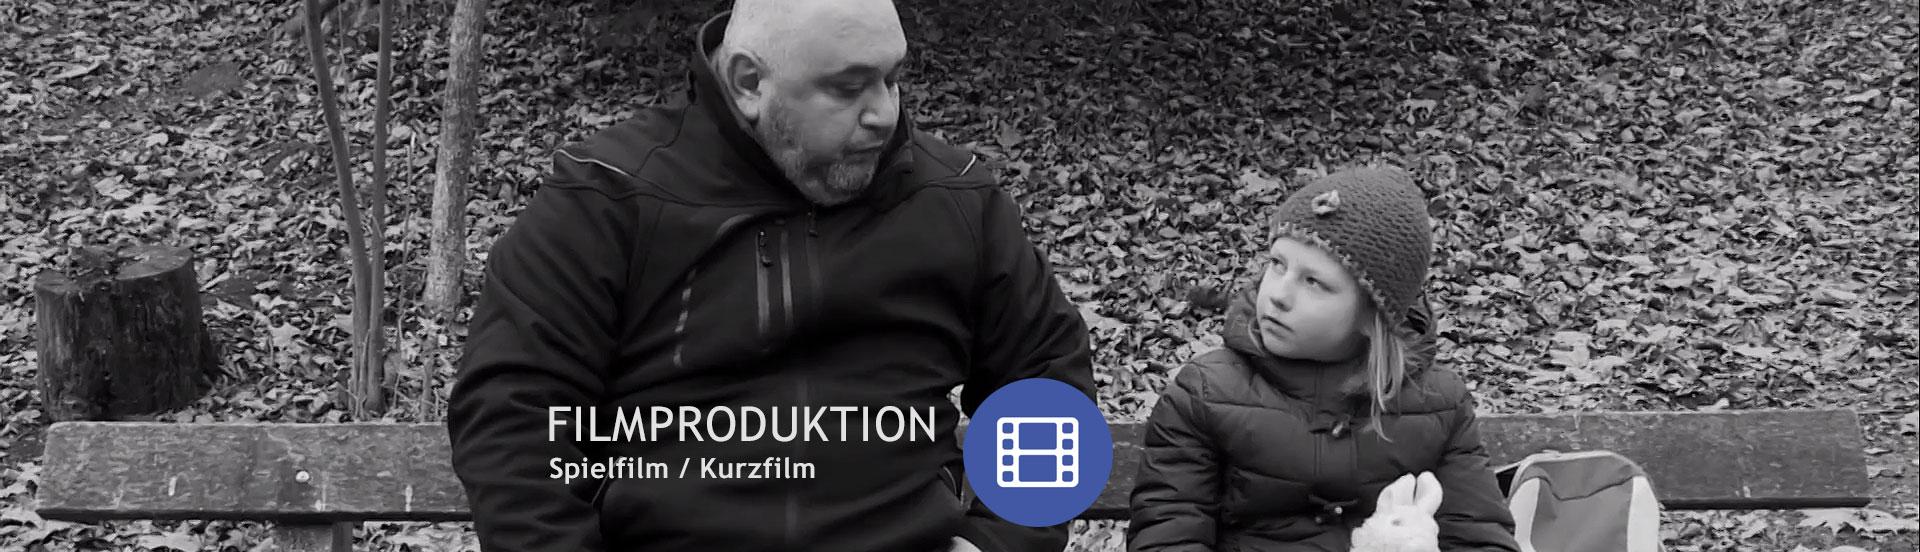 BANNER_Filmproduktion_02_552px